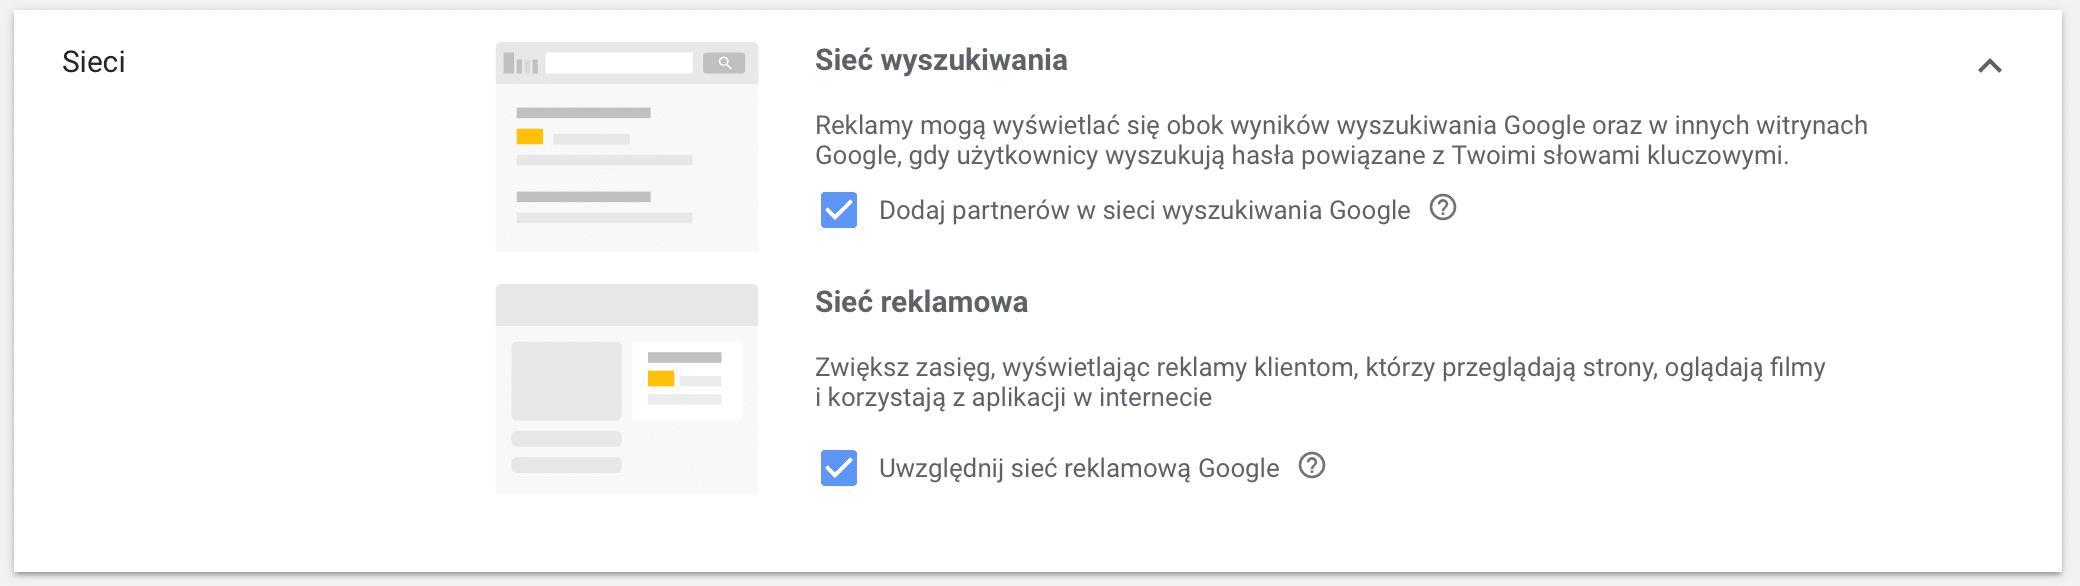 Sieć wyszukiwania czy sieć reklamowa